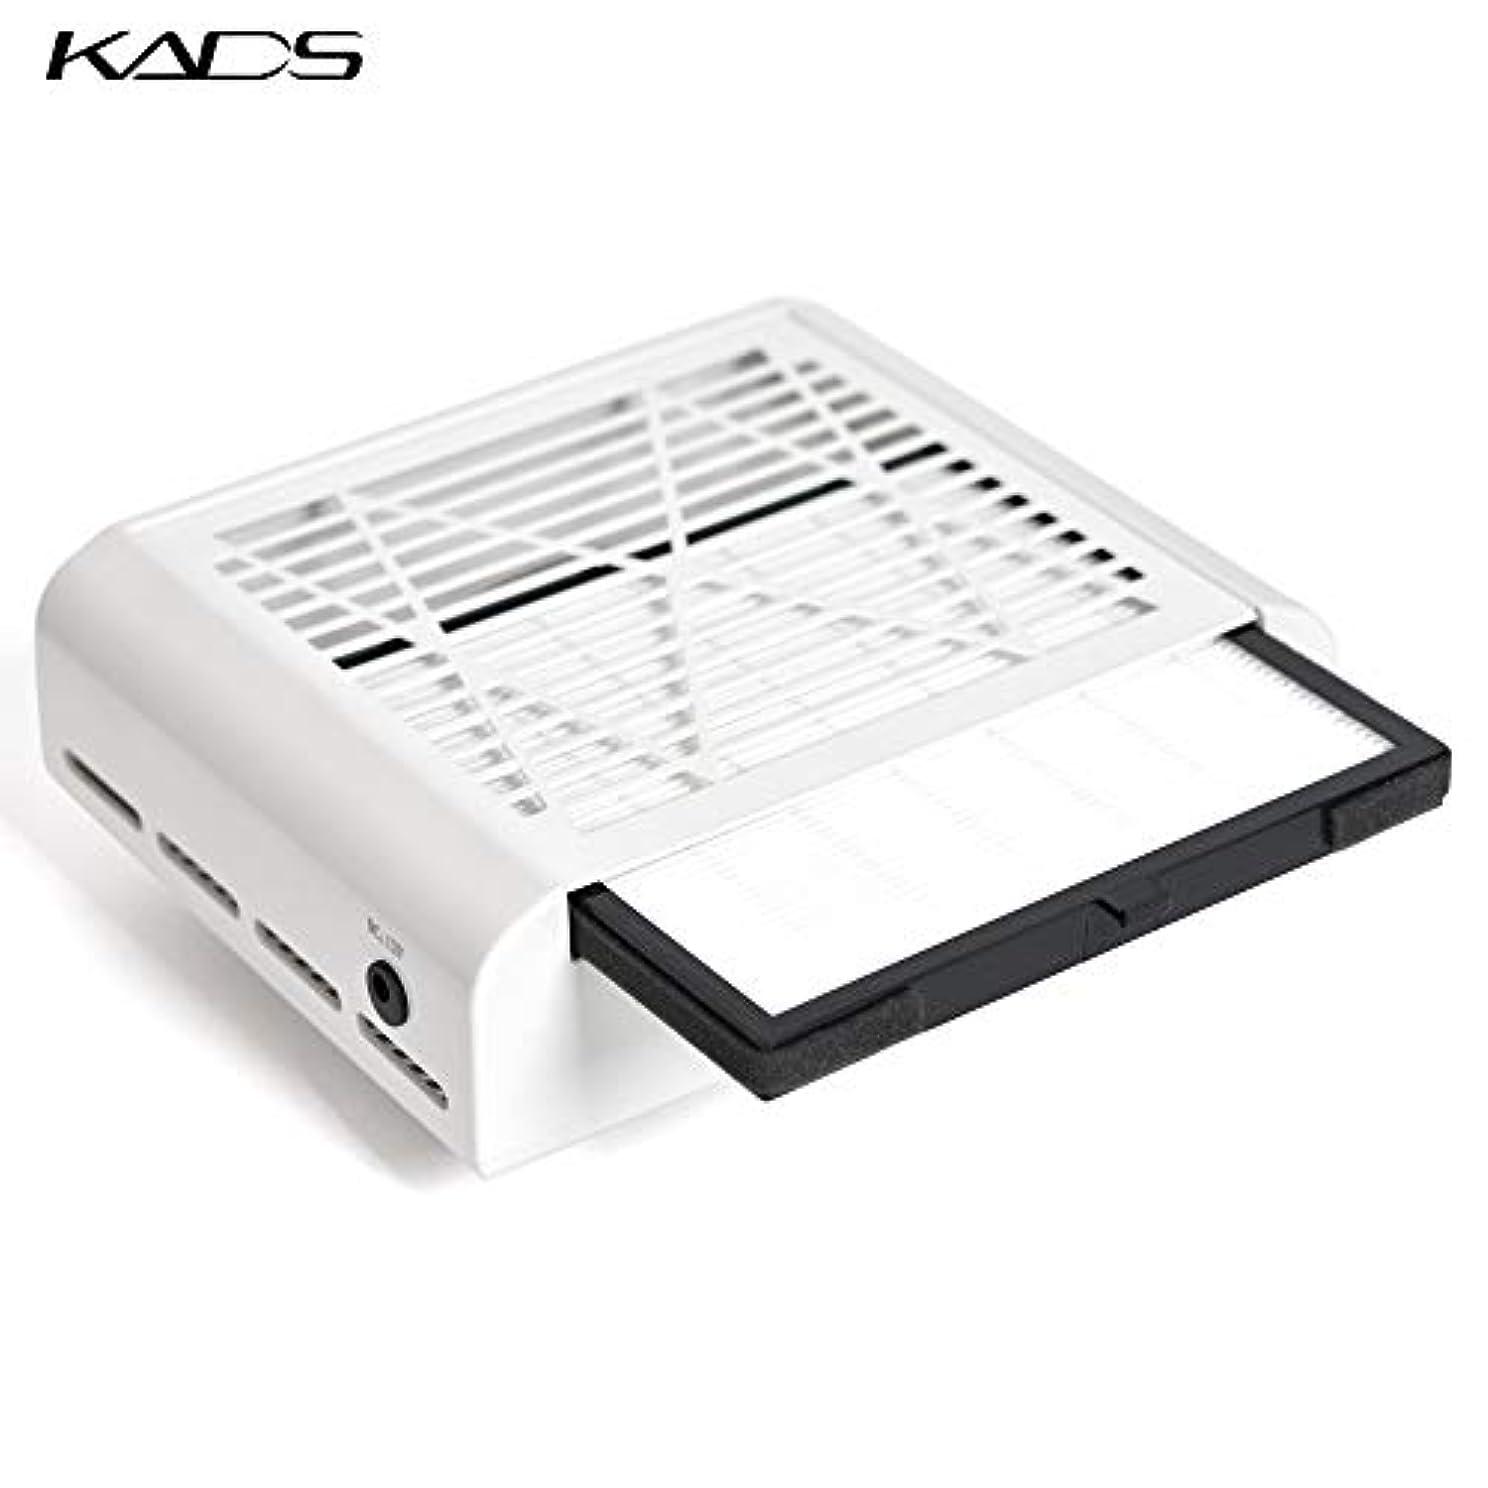 接辞置くためにパック多様性KADS ネイルダスト集塵機 ネイルダストコレクター サロンサクションダストコレクター ネイルダストクリーナー ジェルネイル機器 ネイルケア用